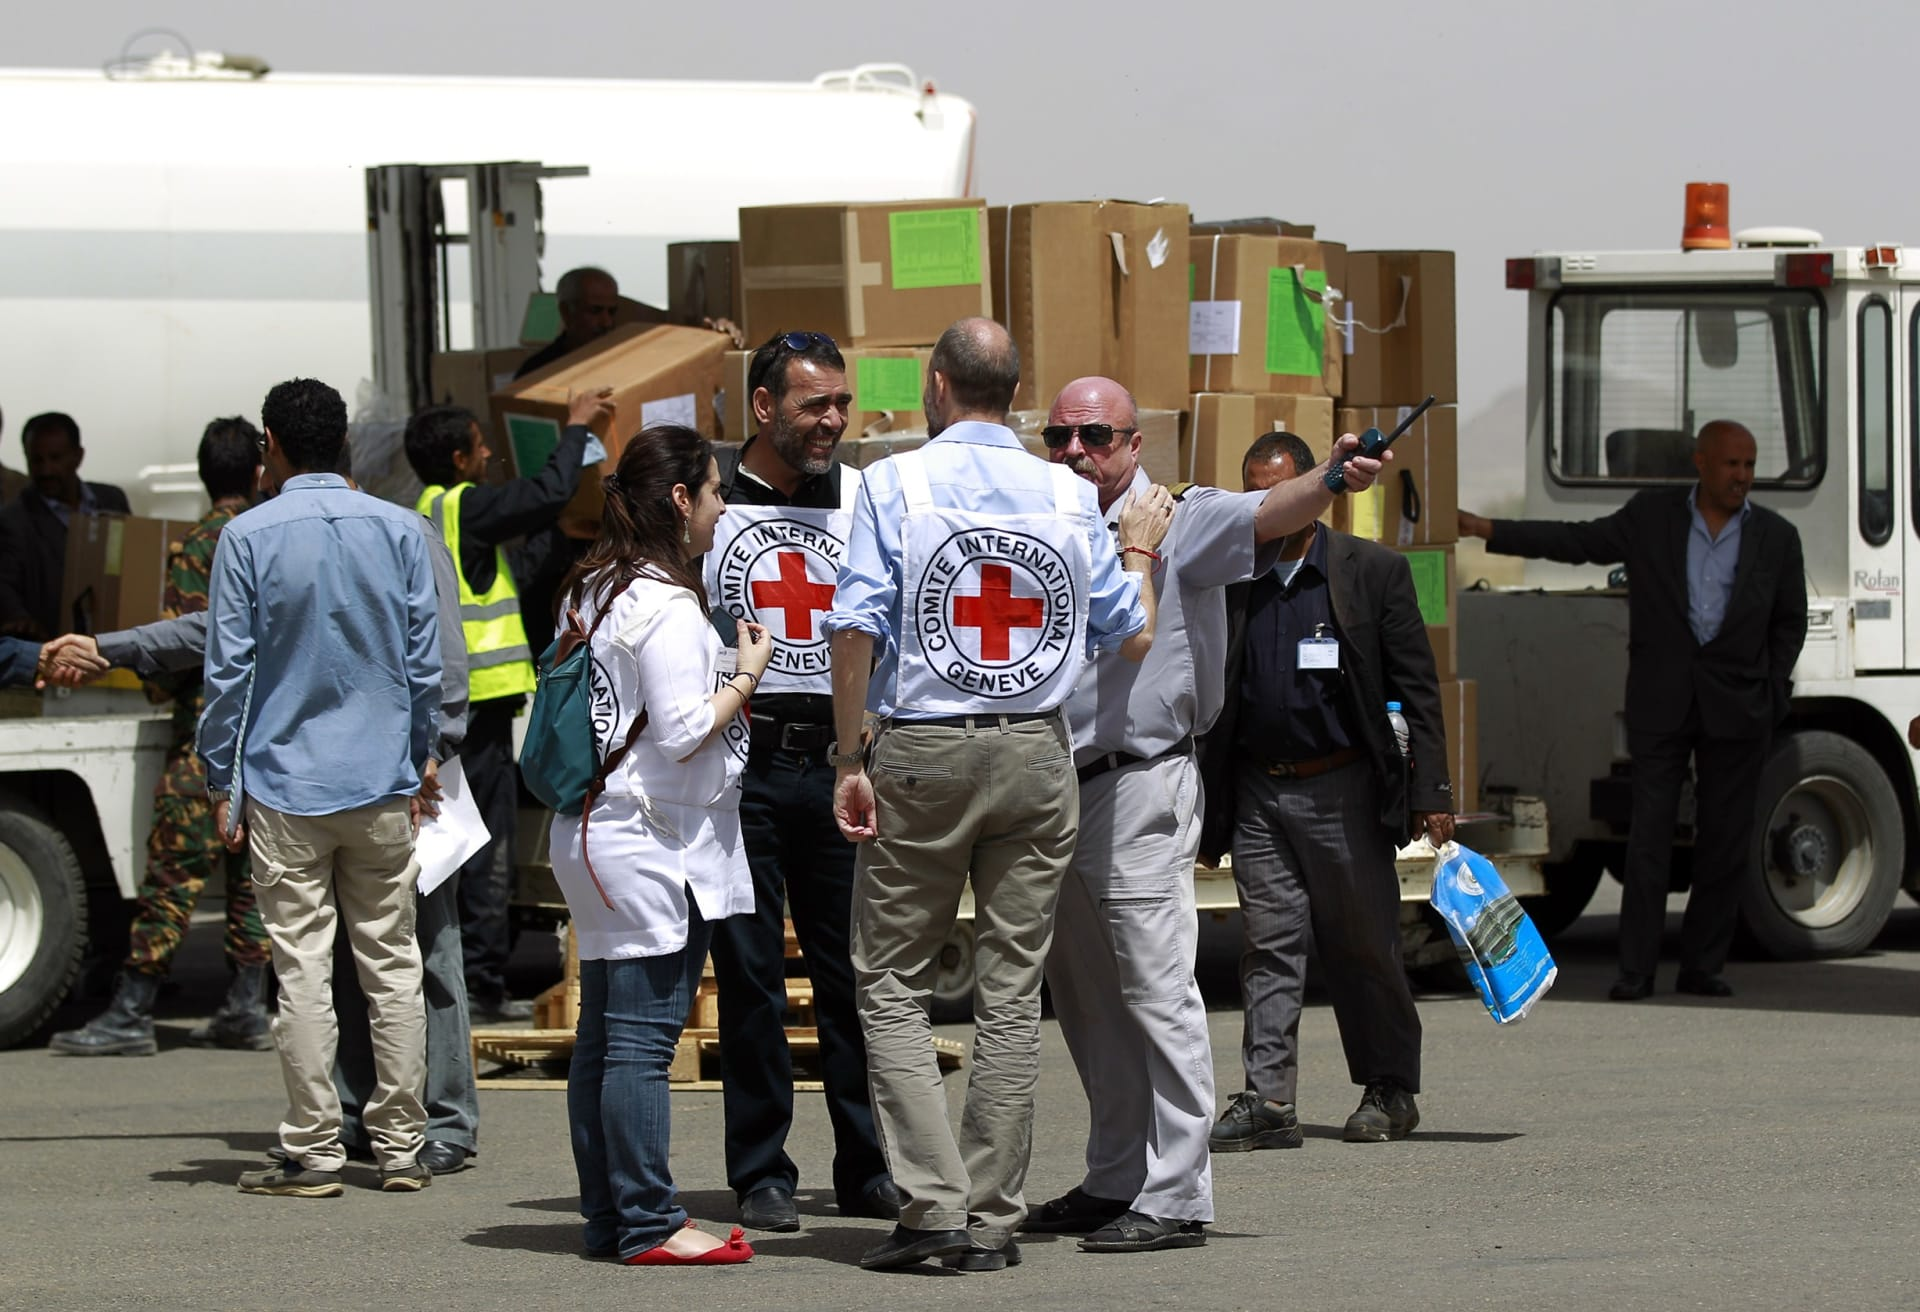 الصليب الأحمر يسحب 71 موظفا من اليمن بسبب تهديدات أمنية